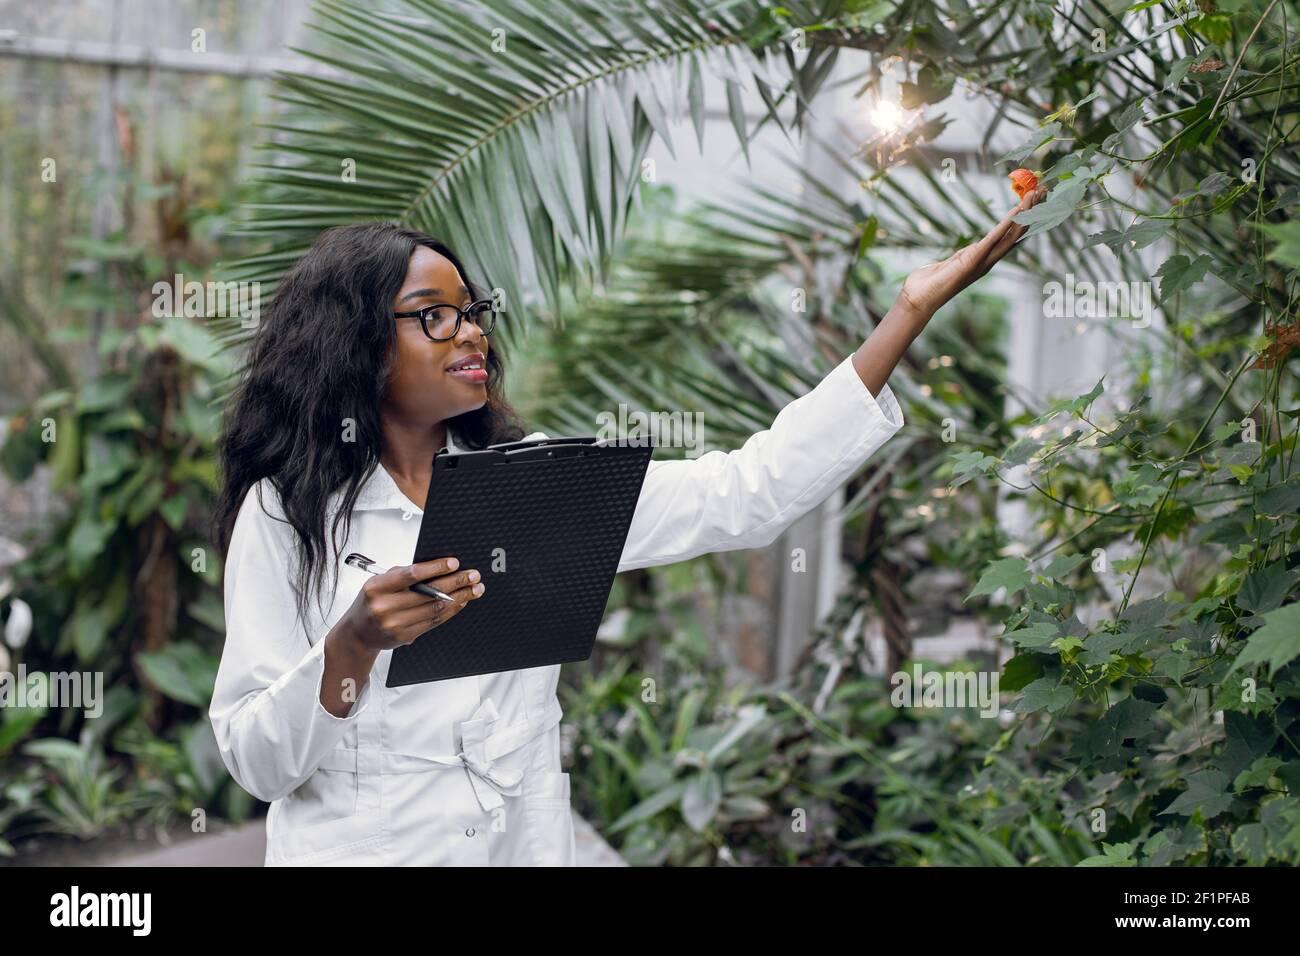 Una agrónomo profesional africana lleva a cabo la inspección de las plantas, trabajando en invernadero y toma notas en el portapapeles. Foto de stock